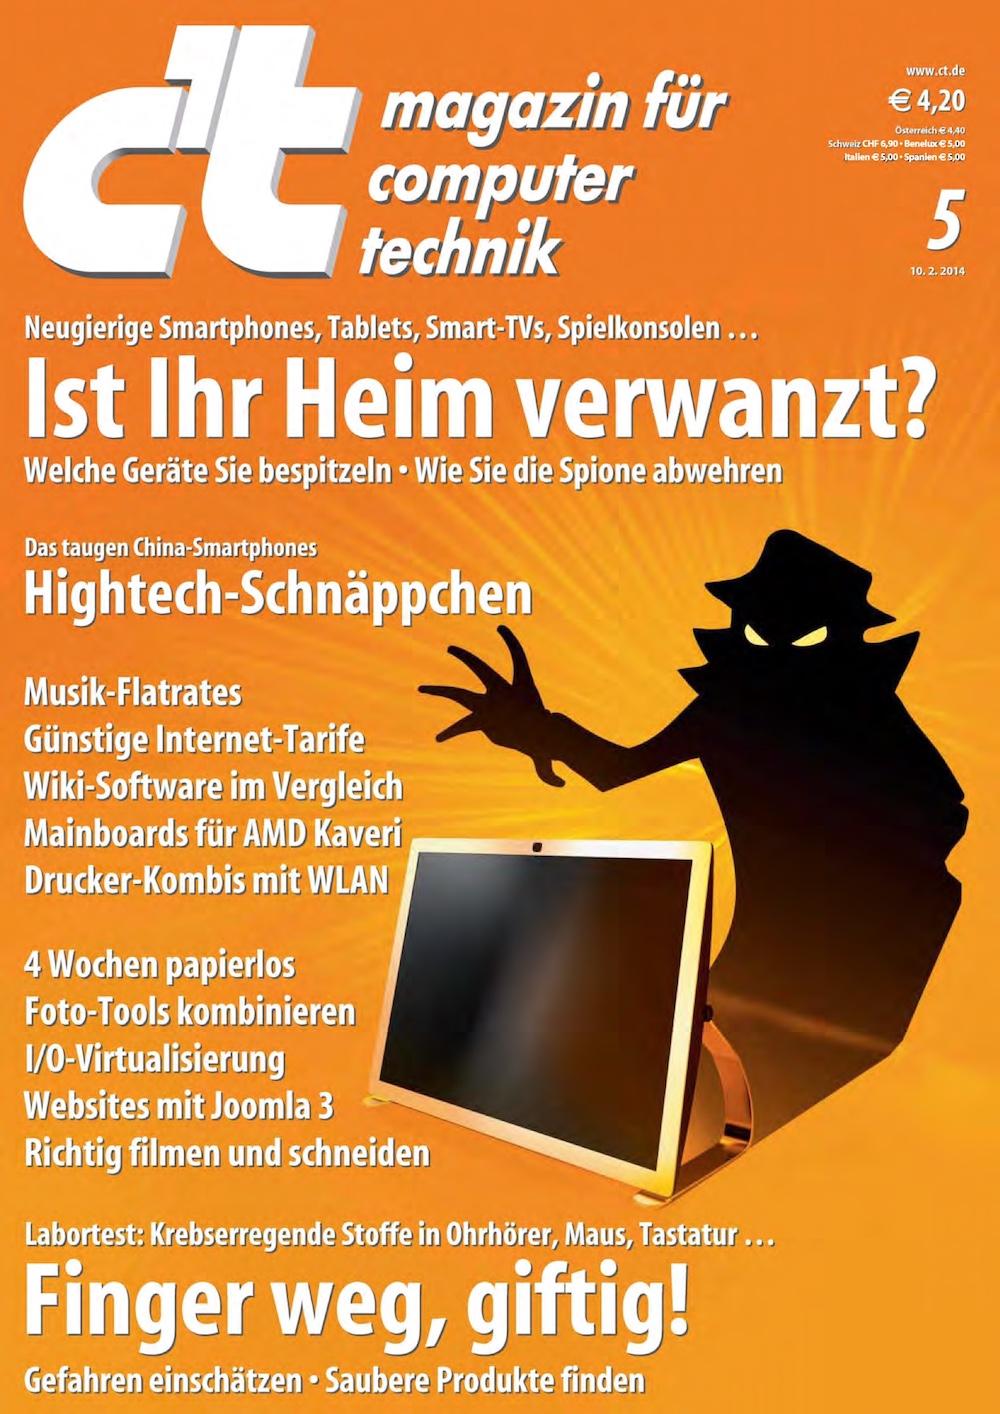 c't Magazin 2014-05